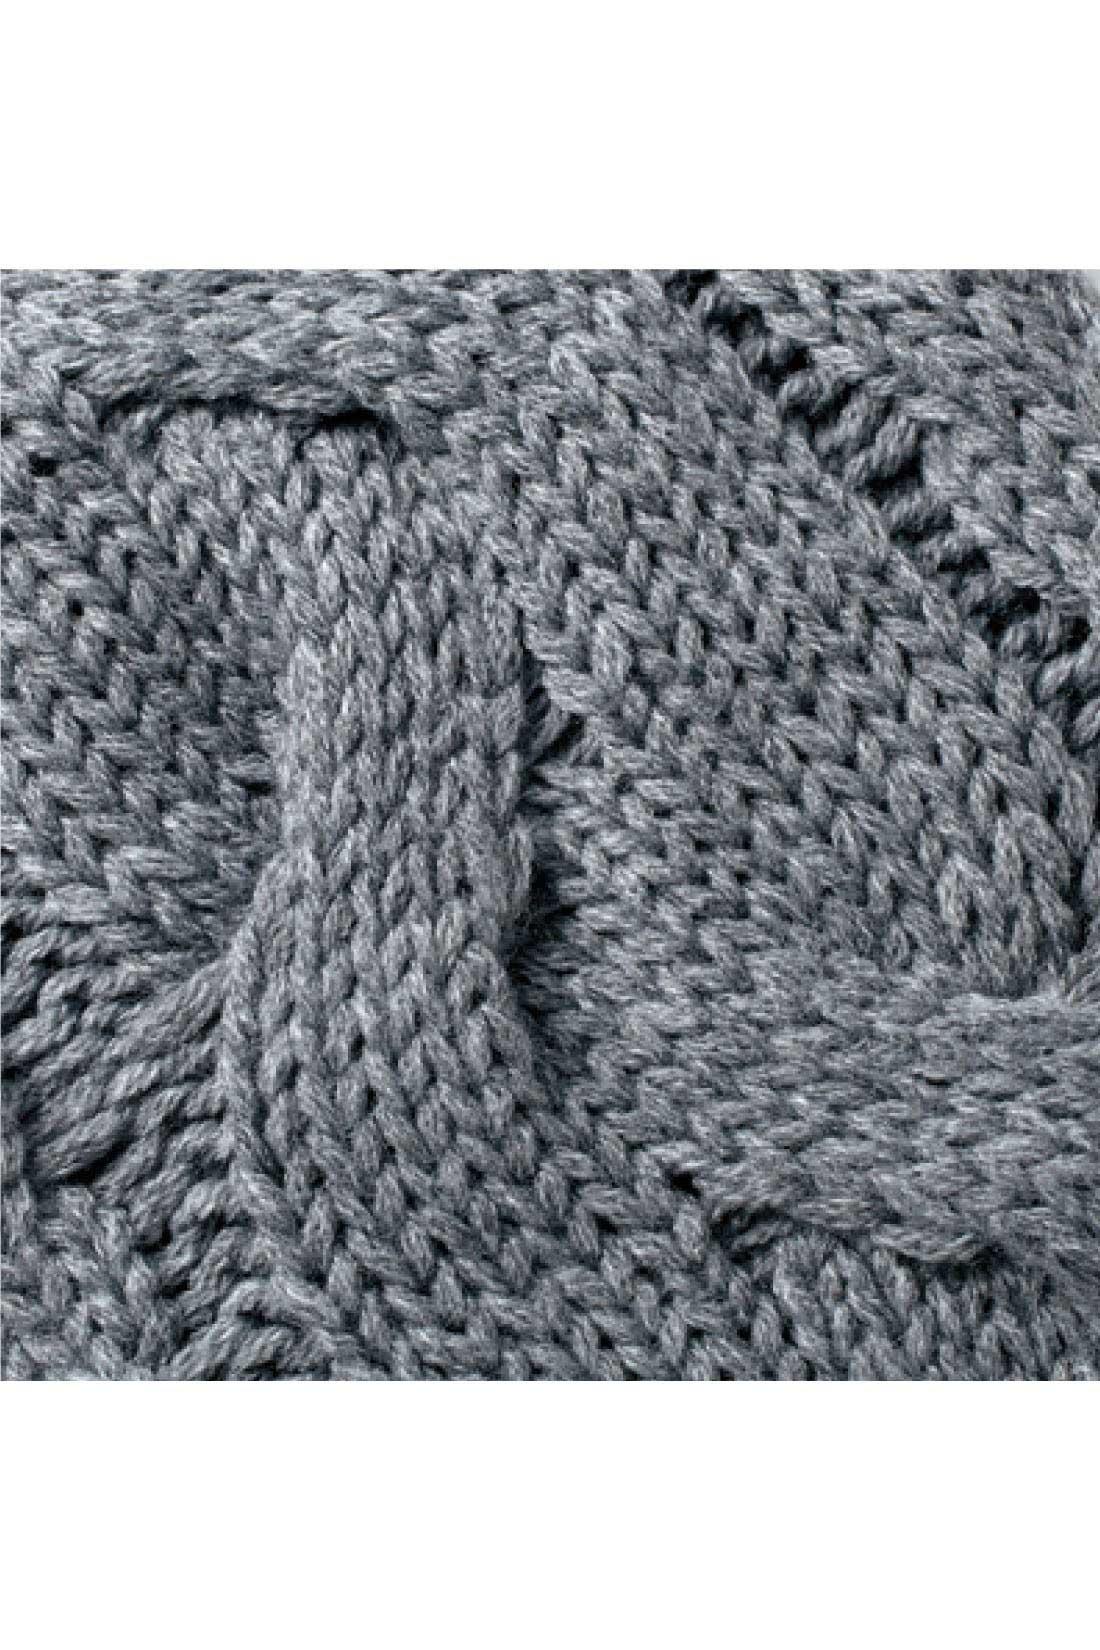 袖はざっくり編んだケーブル編みでかわいくメリハリ感UP。